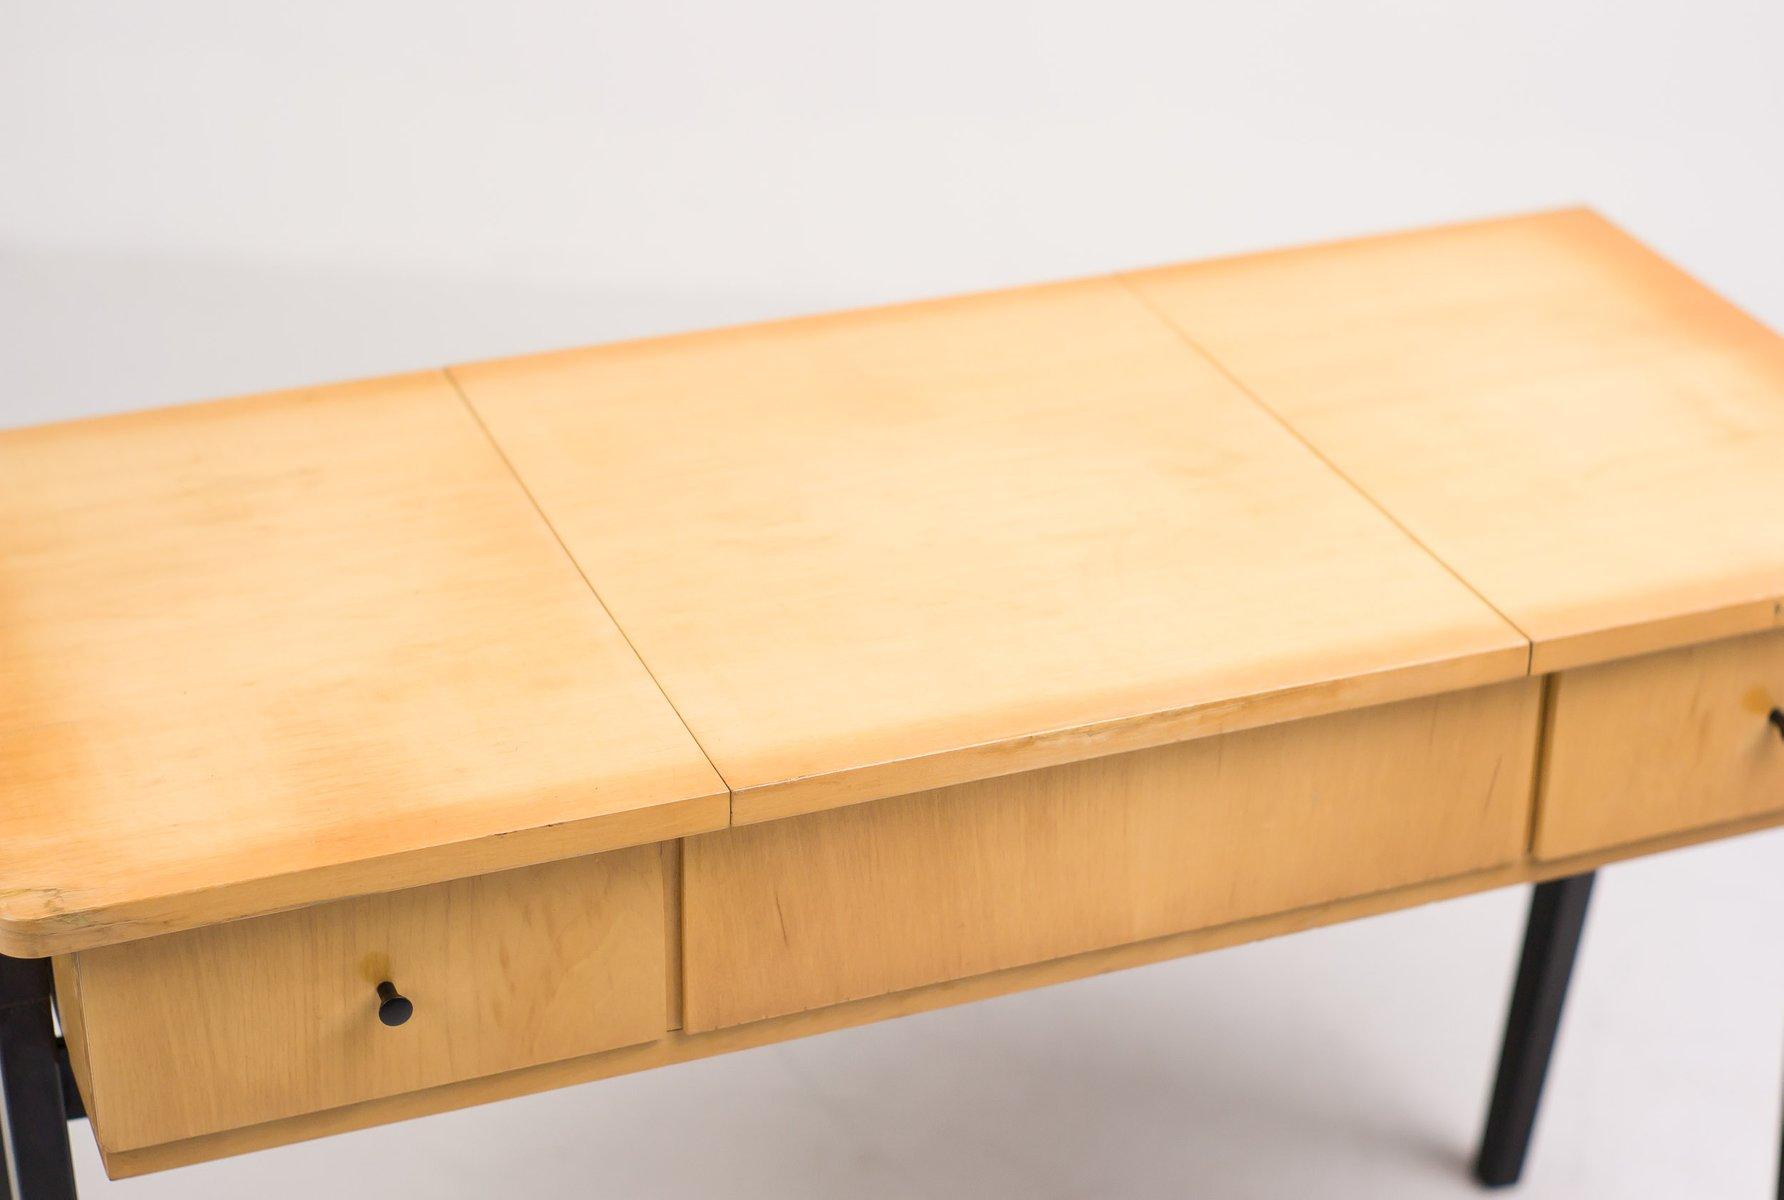 niederl ndischer mid century schreibtisch aus birke bei. Black Bedroom Furniture Sets. Home Design Ideas